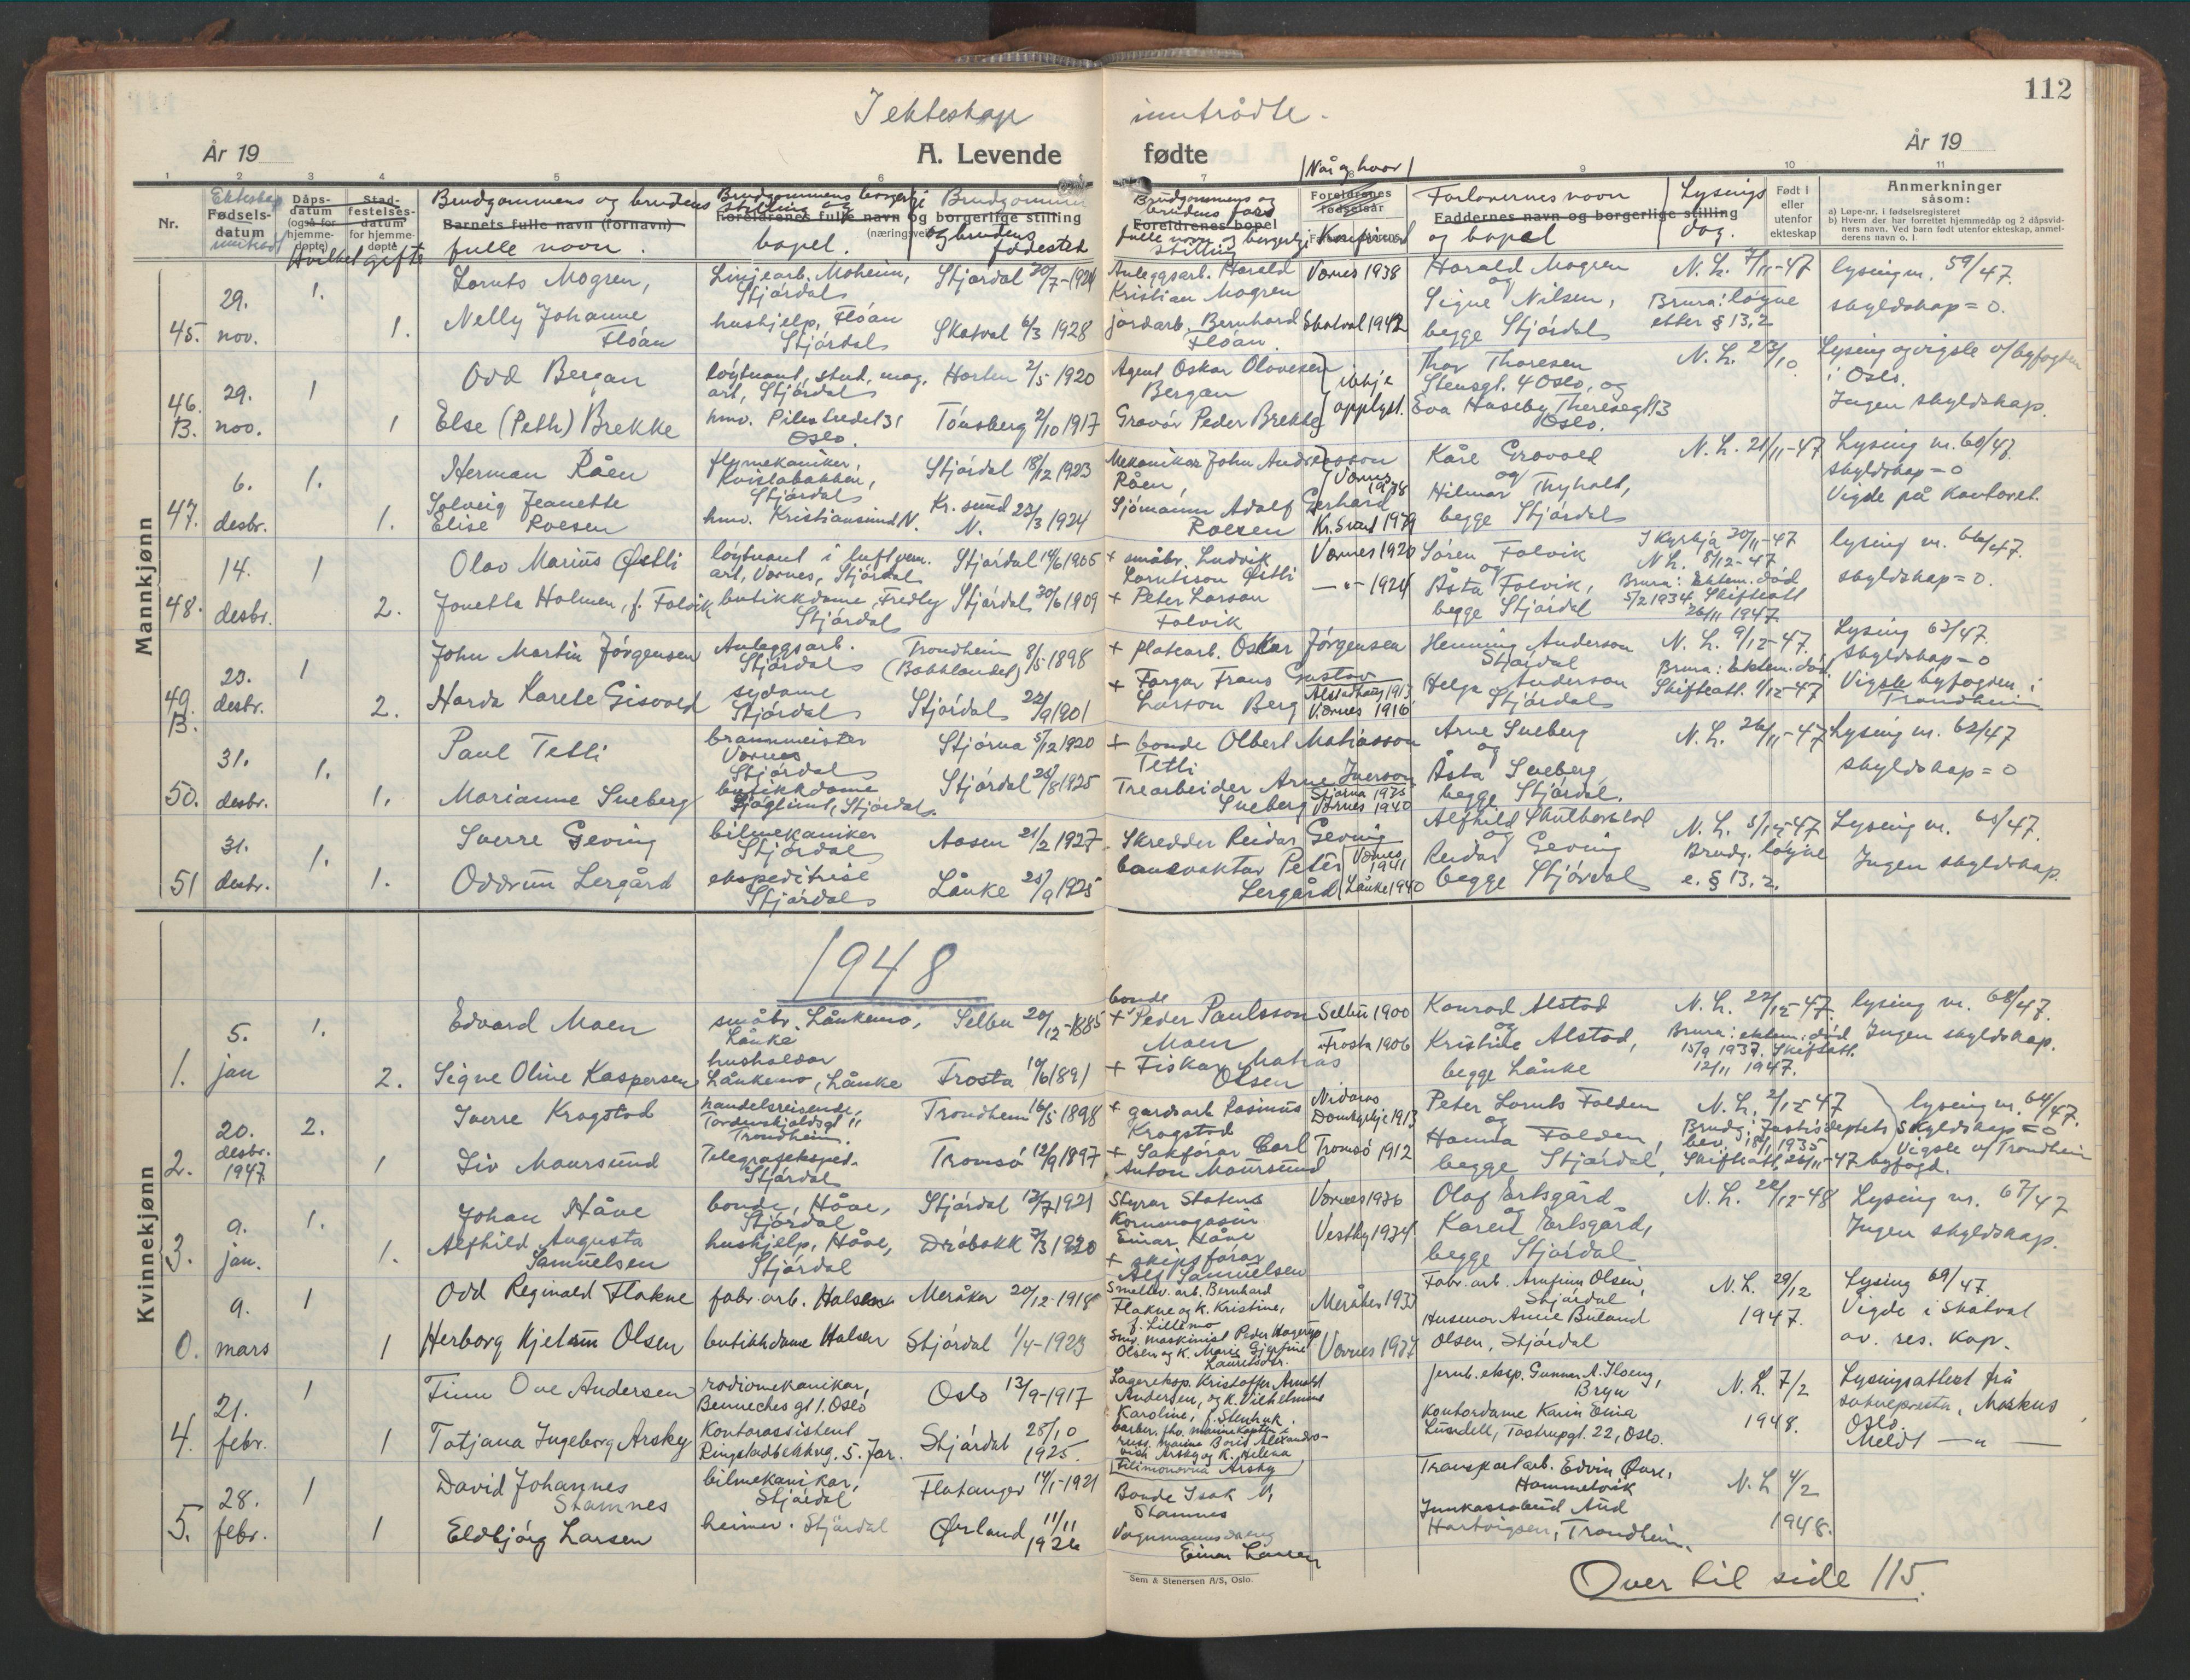 SAT, Ministerialprotokoller, klokkerbøker og fødselsregistre - Nord-Trøndelag, 709/L0089: Klokkerbok nr. 709C03, 1935-1948, s. 112